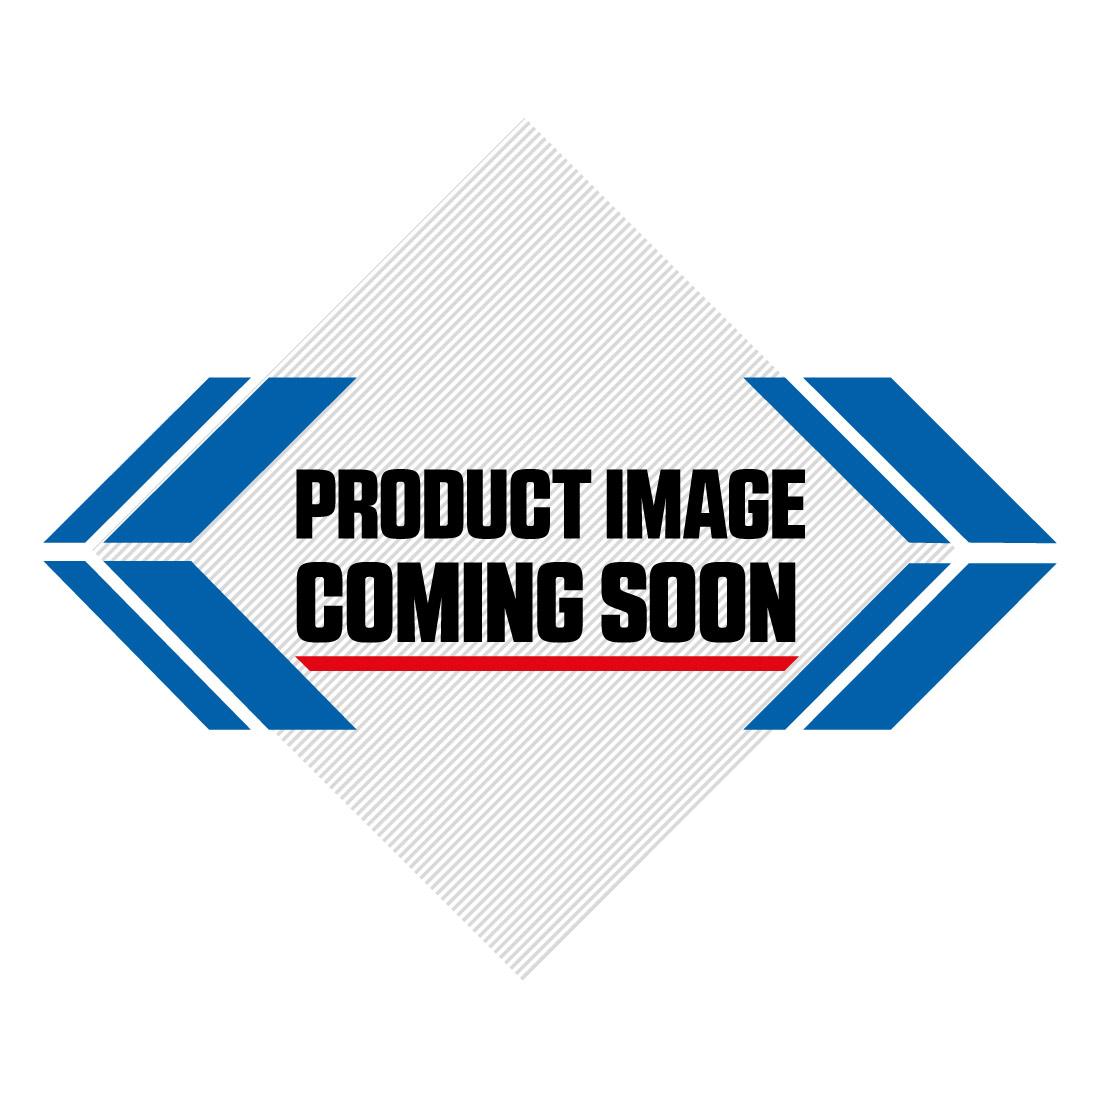 UFO KTM Plastic Kit OEM Factory (2017) Image-4